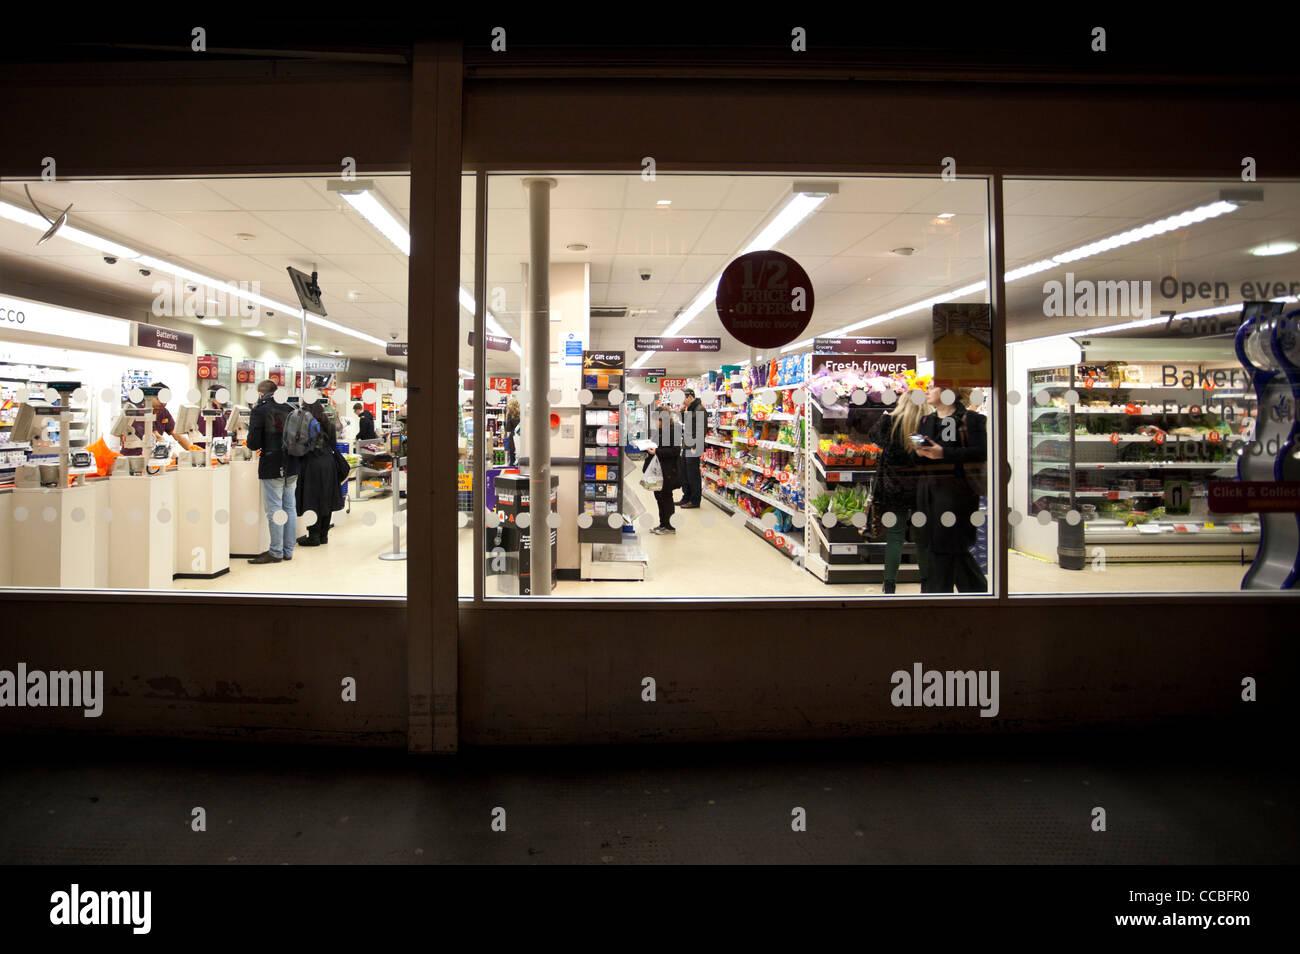 Supermarket window, London, England, UK - Stock Image